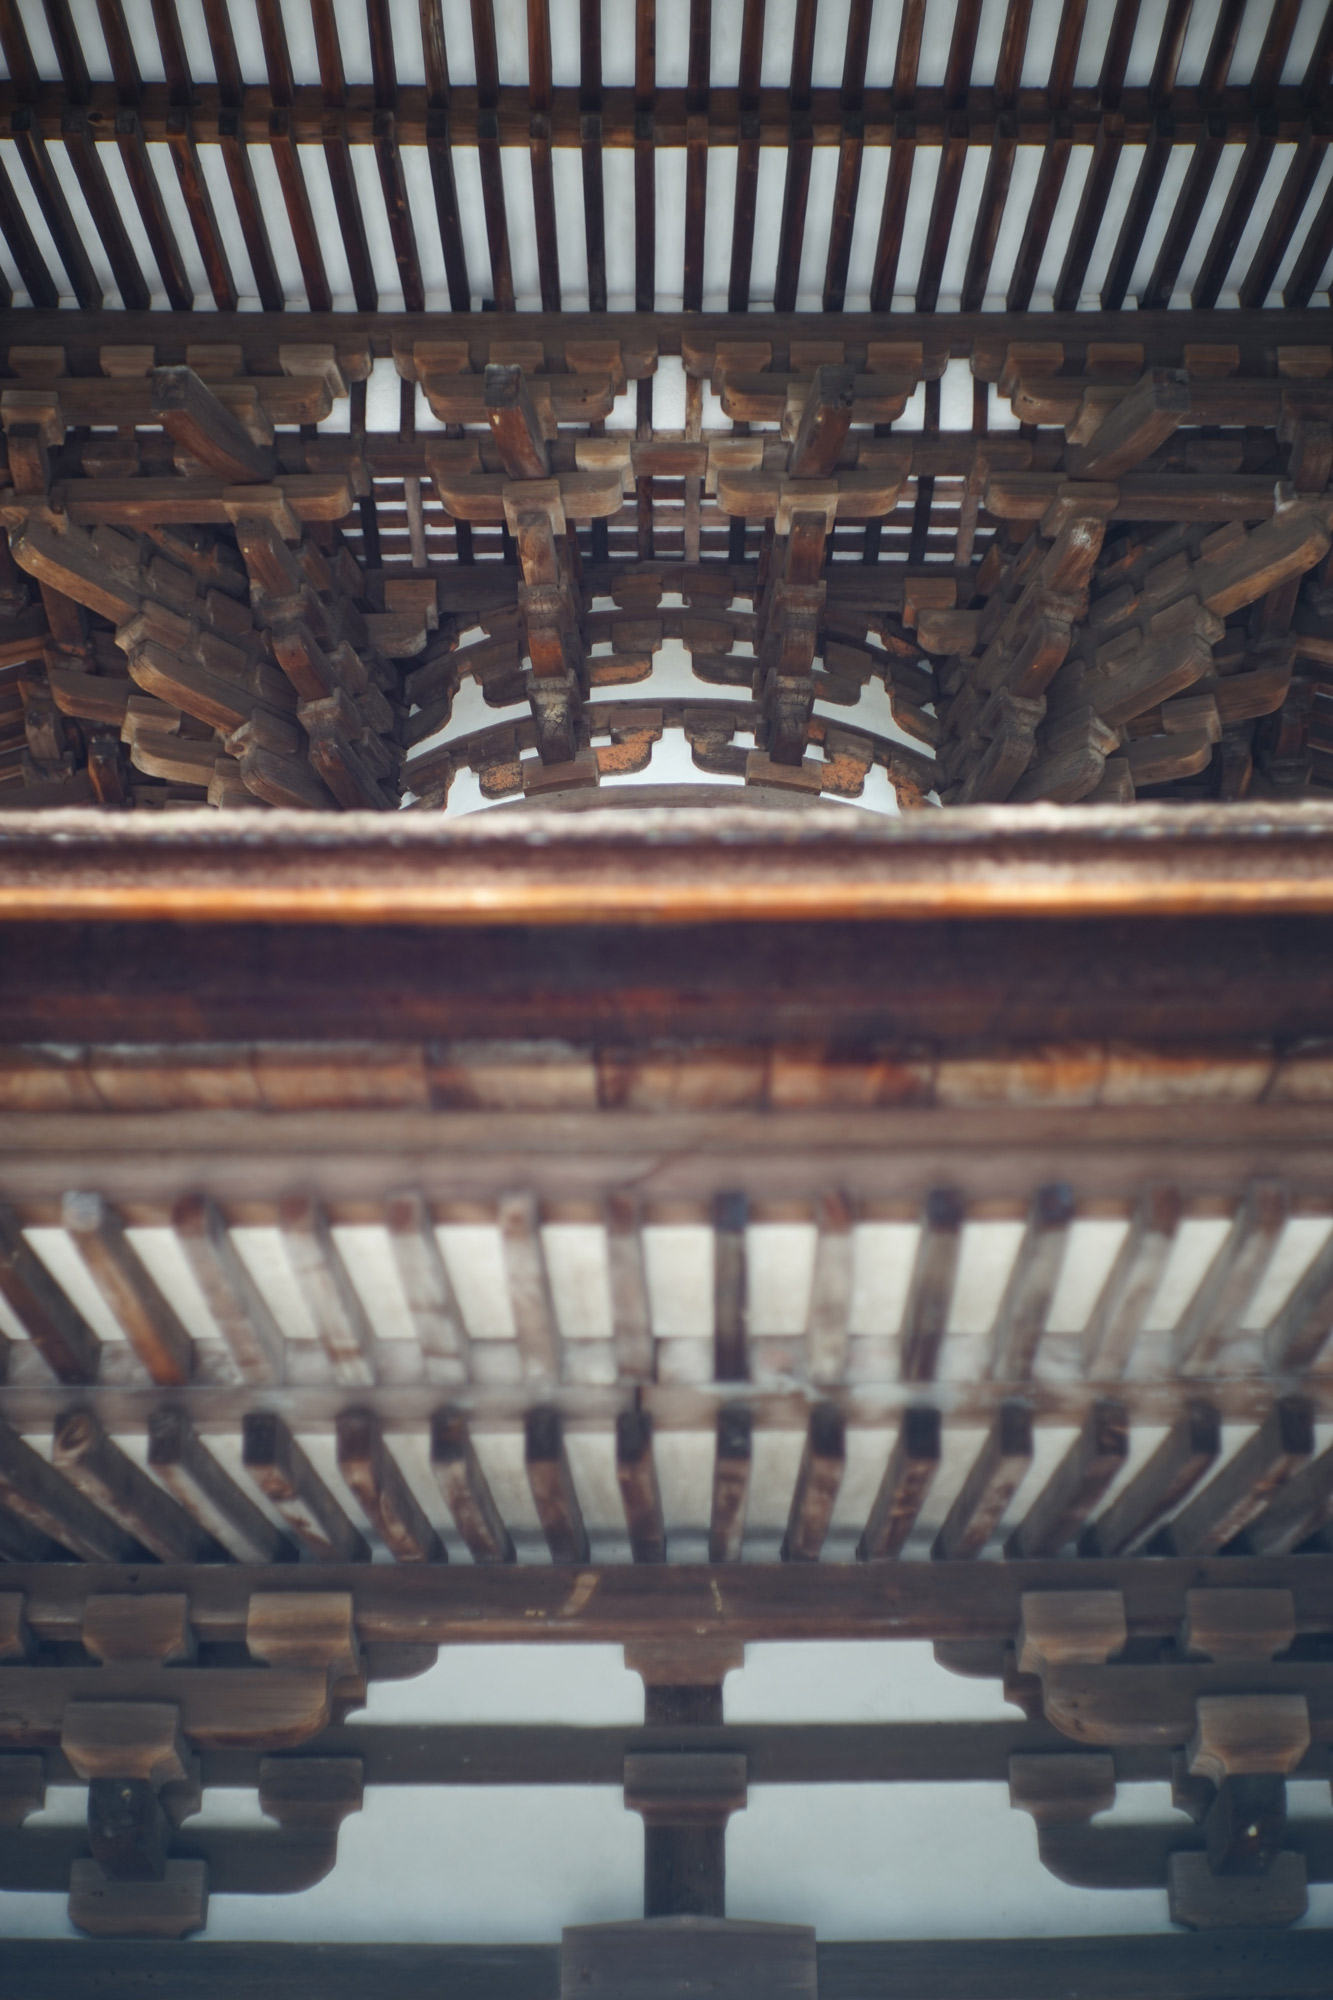 松澤穣暮らしを映すカメラ 滋賀県大津市:石山寺